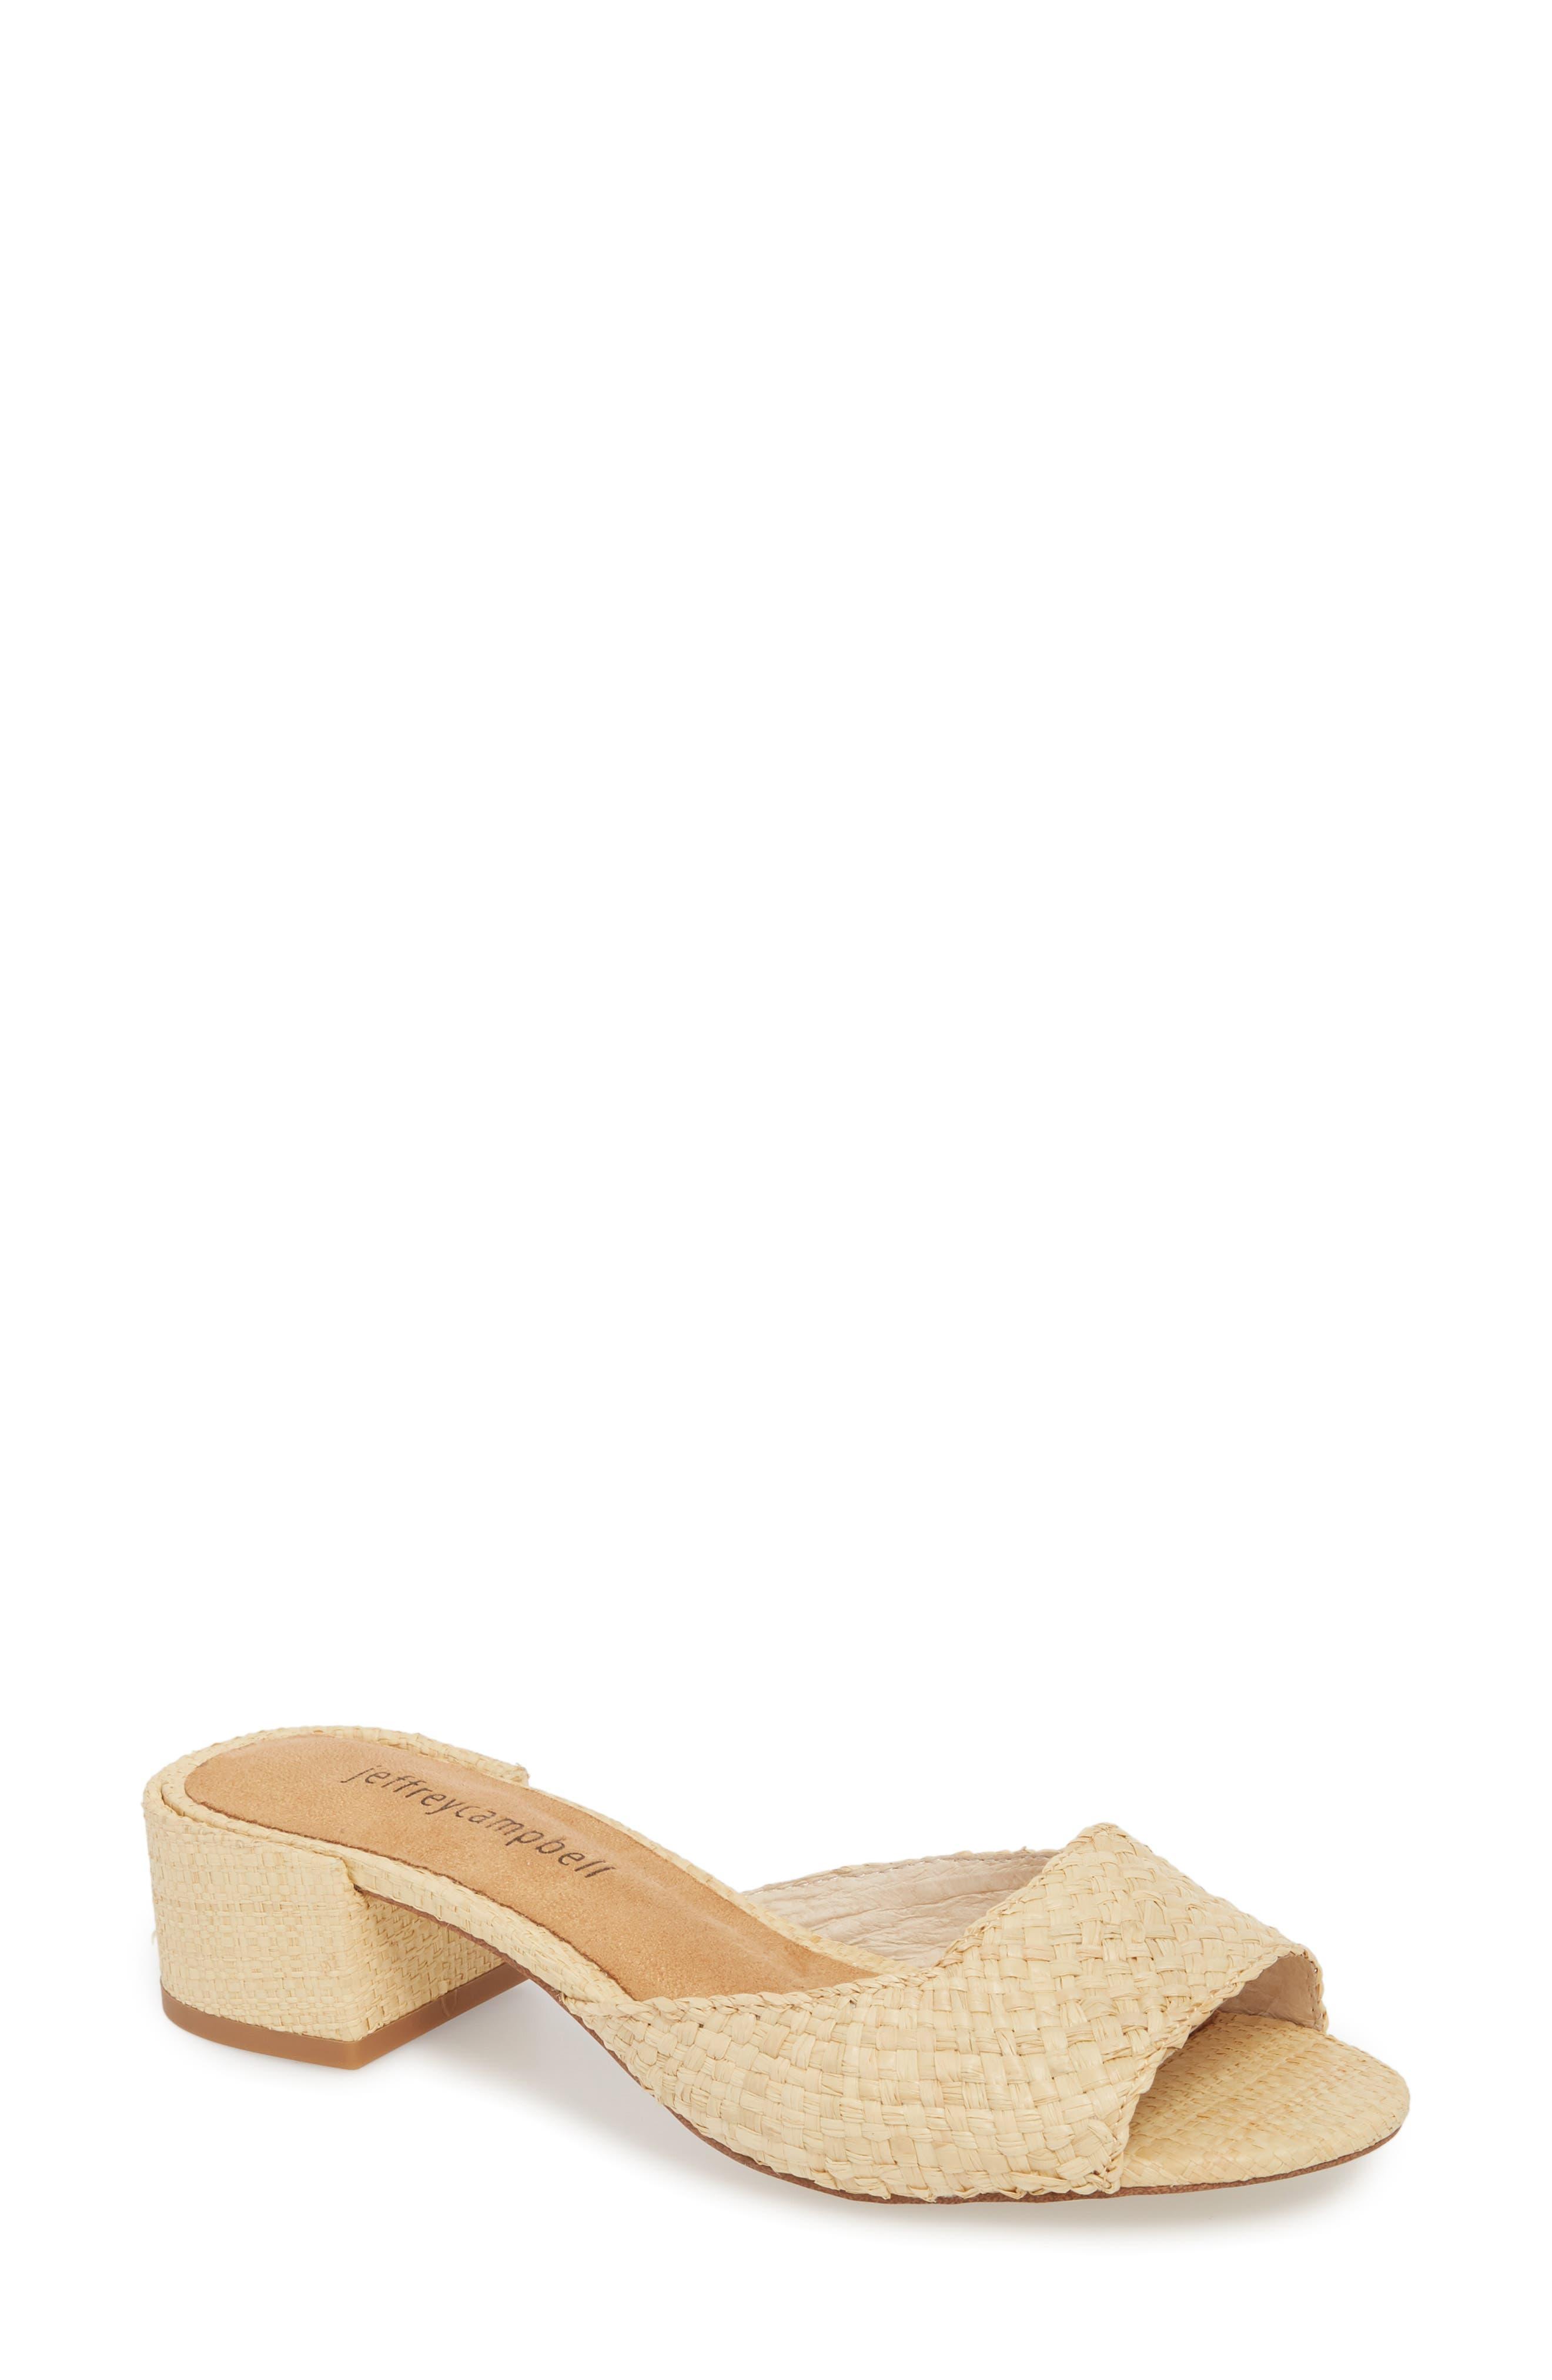 Mélange Slide Sandal,                         Main,                         color, Natural